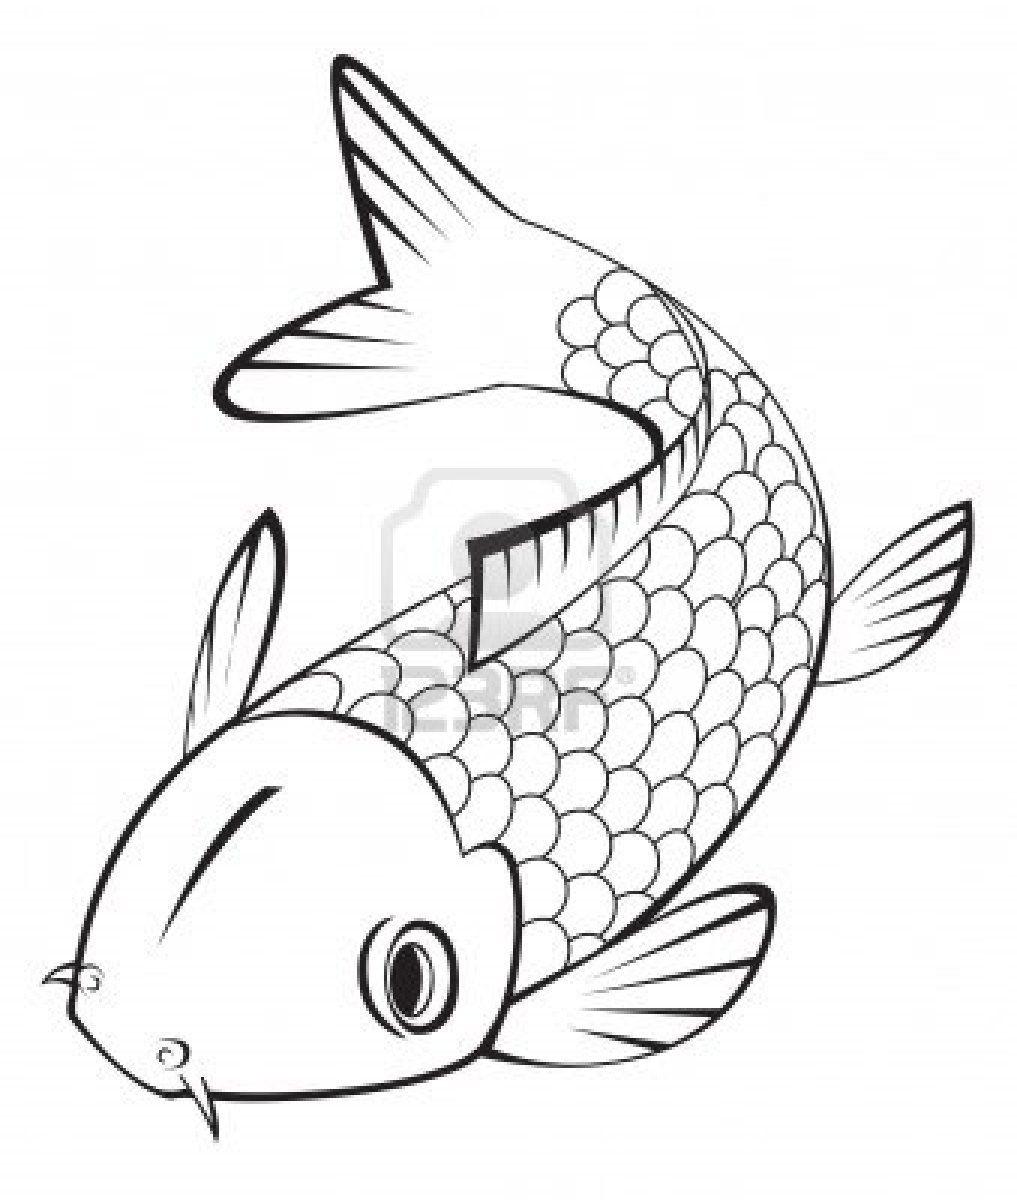 1017x1200 Koi Fish Chinese